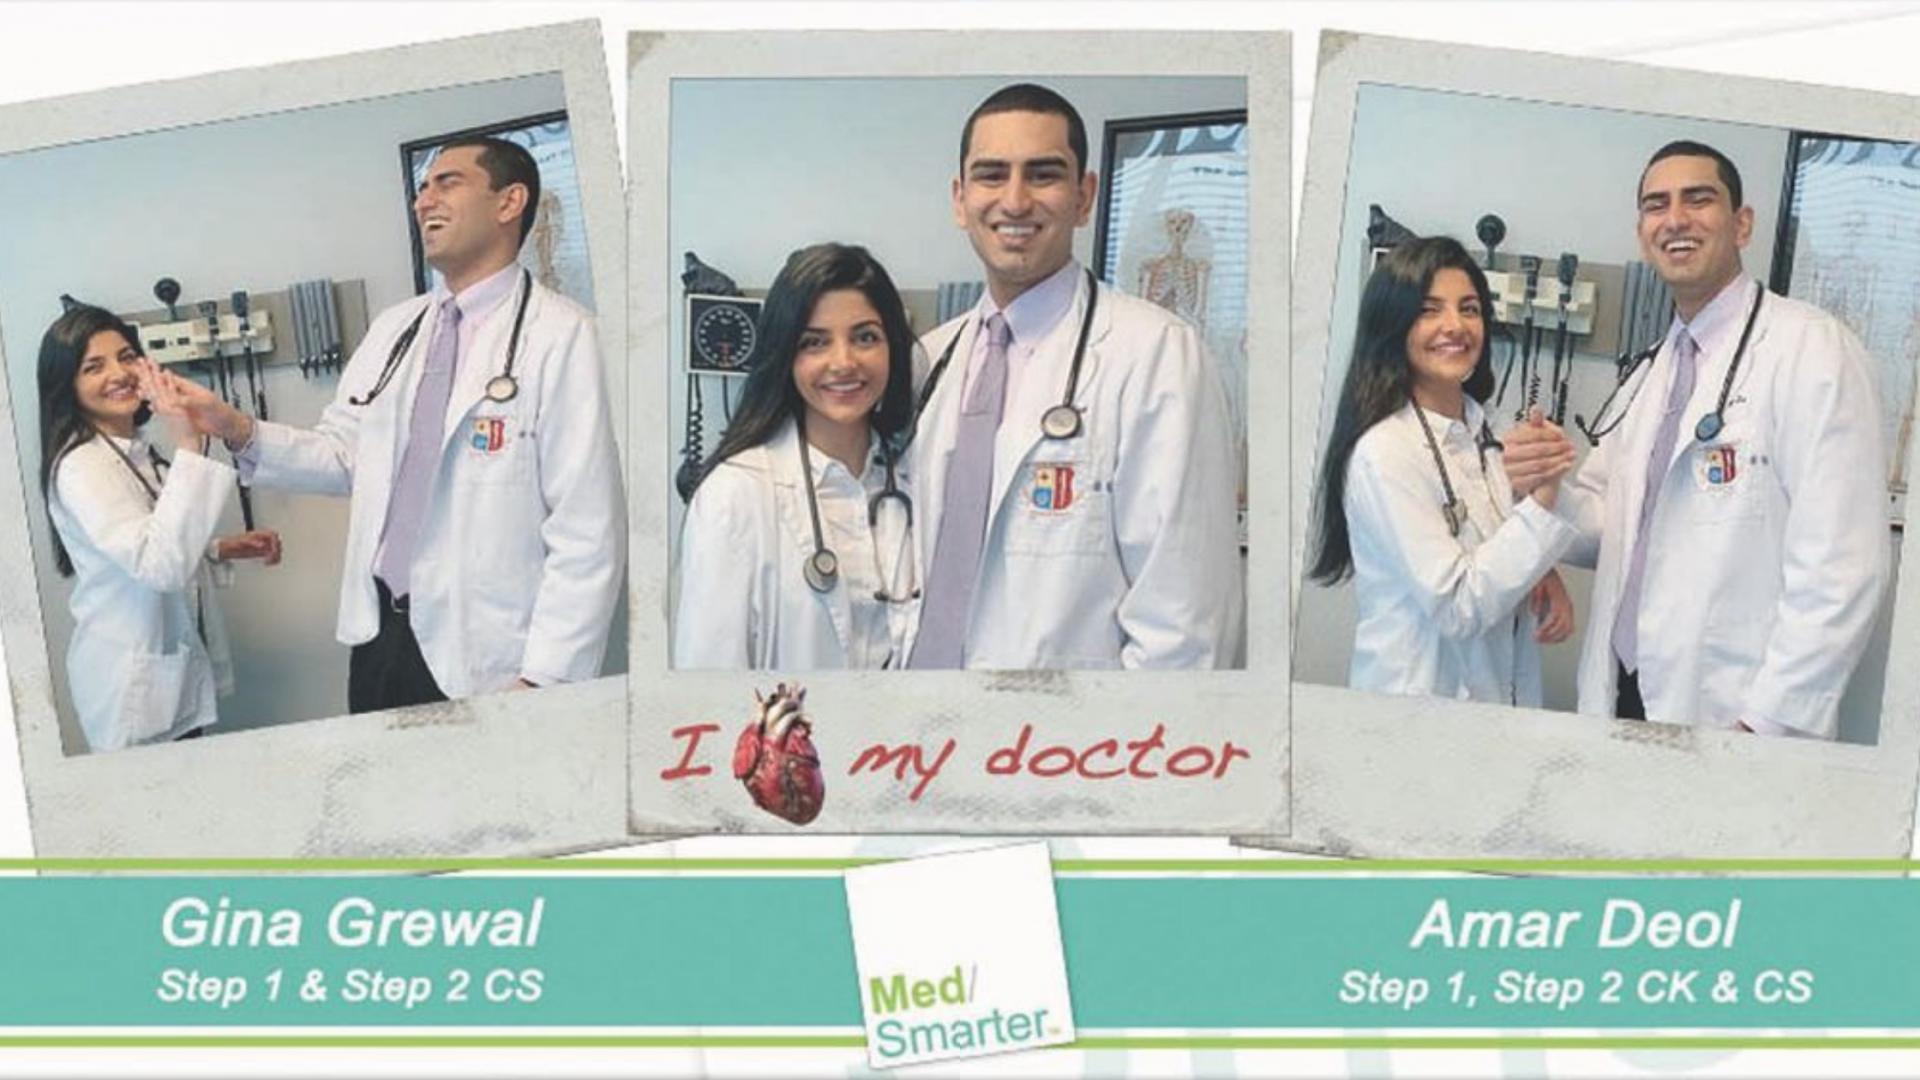 MedSmarter - Couples Who Study Together